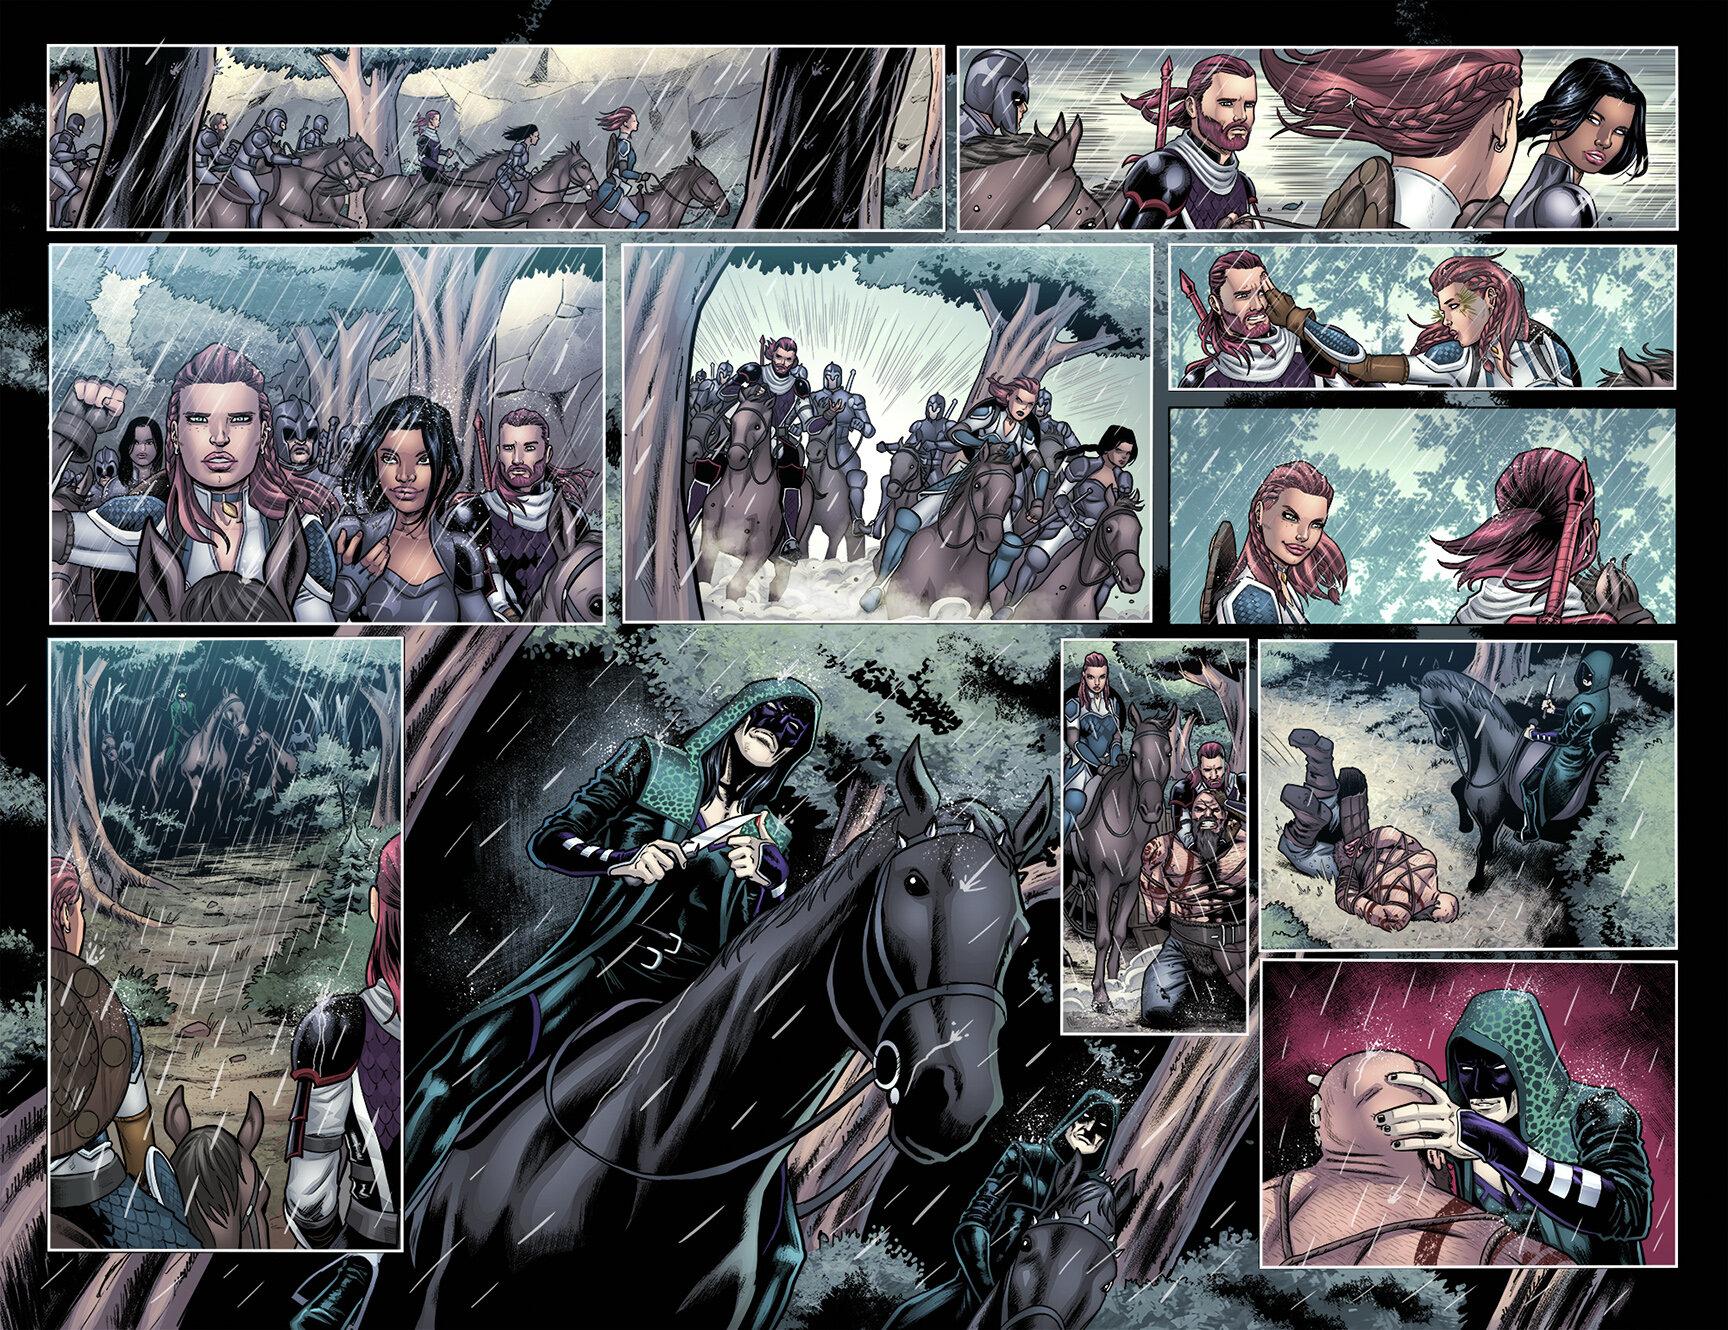 Dragonsblood_03_pg20-21_color.jpg